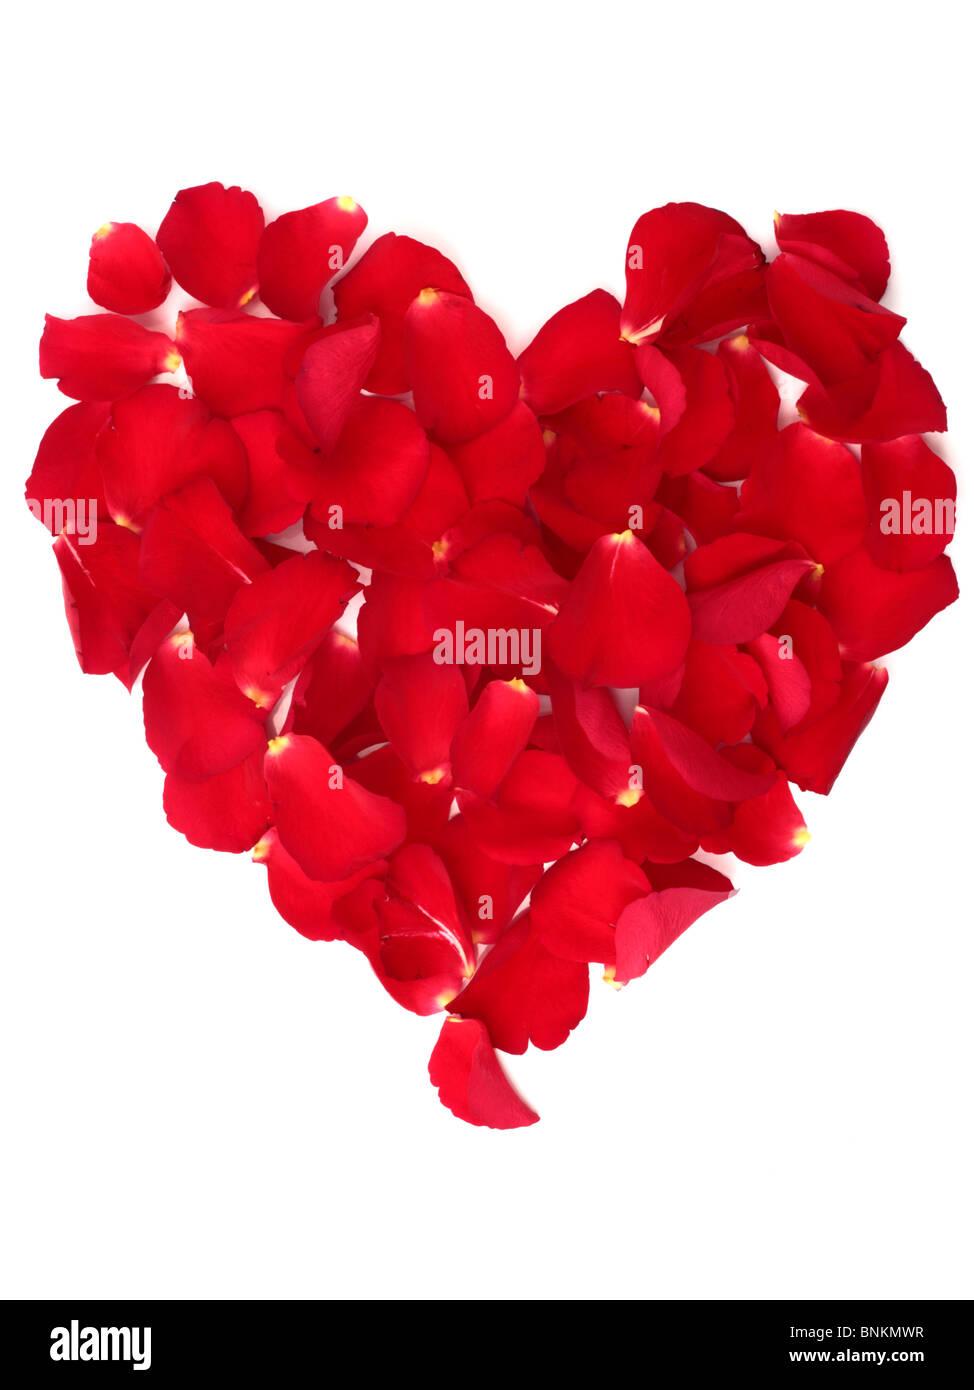 Rosso di petali di rose forma di cuore Immagini Stock